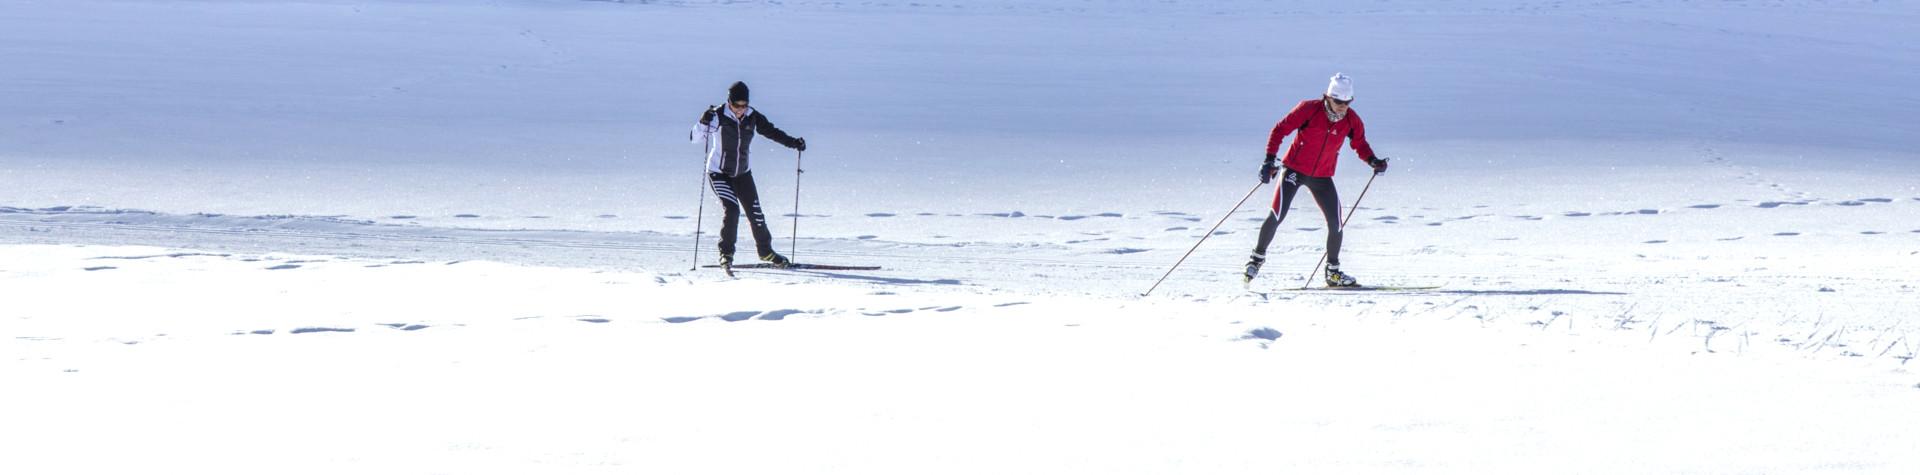 Freizeit - Winter - Langlaufen - Stimmungsbild